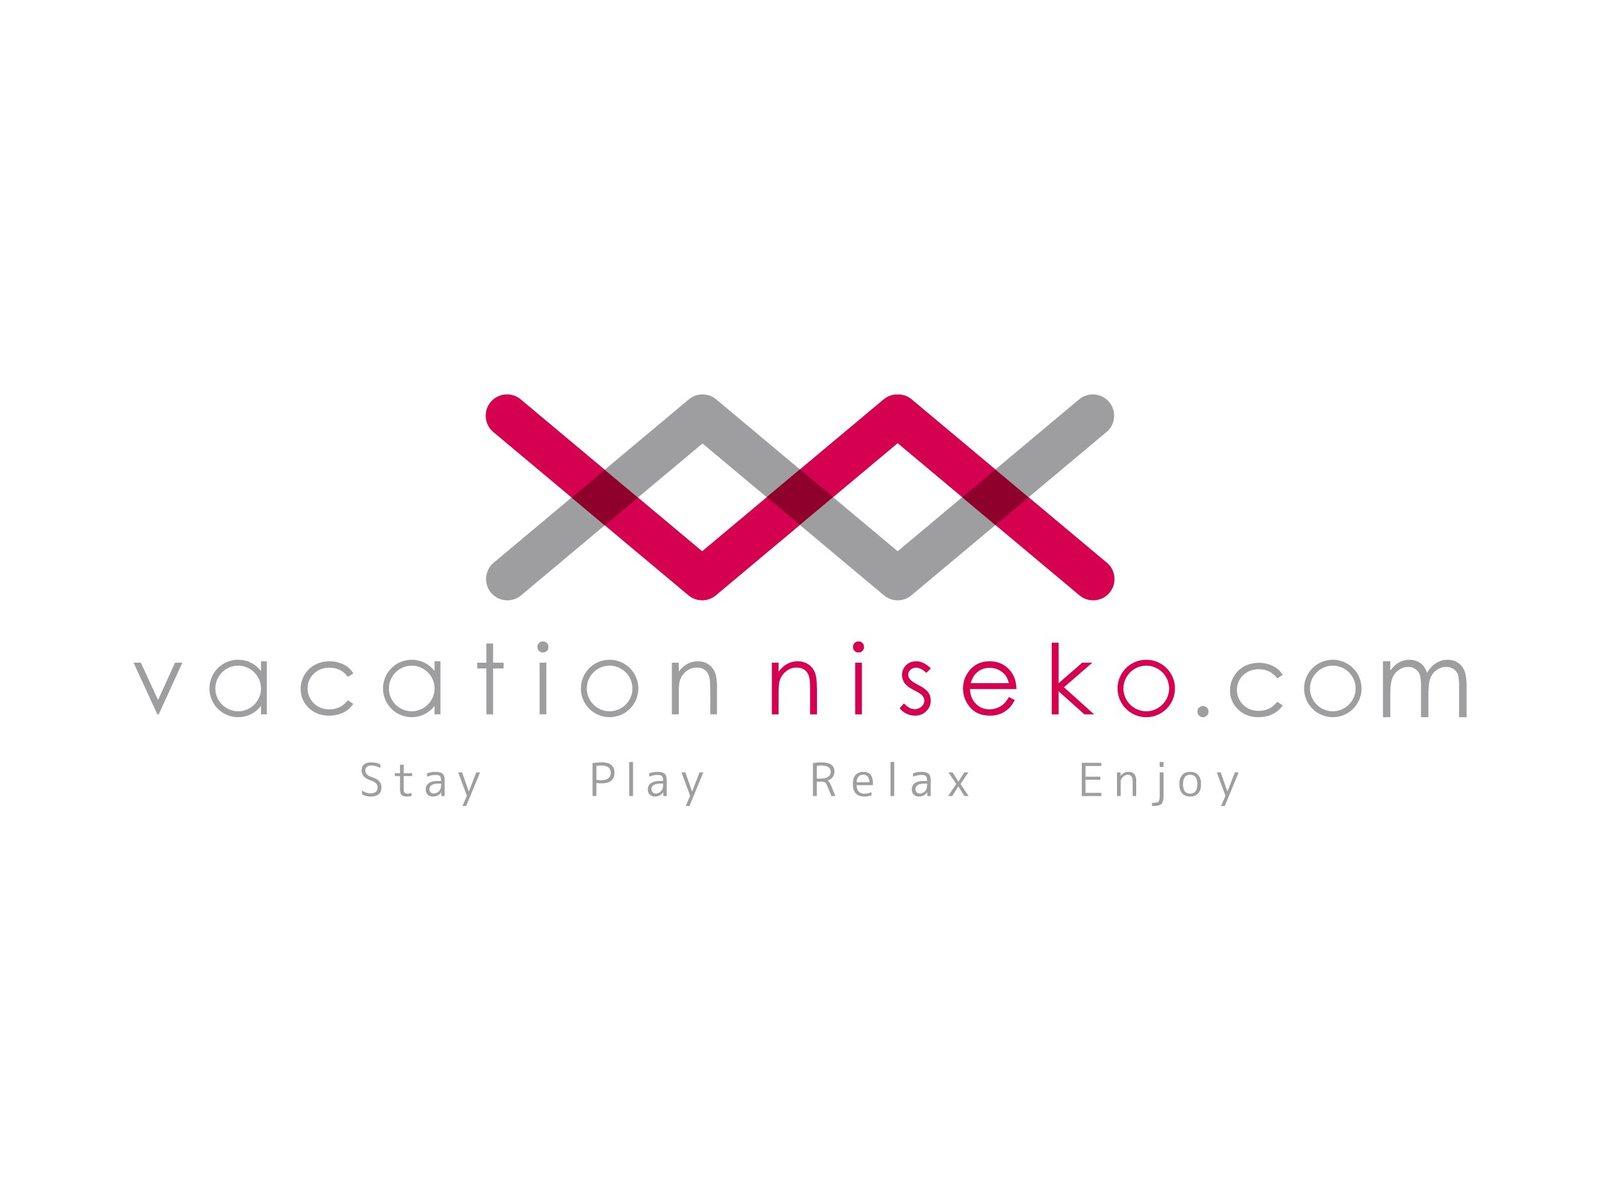 Vacation Niseko logo